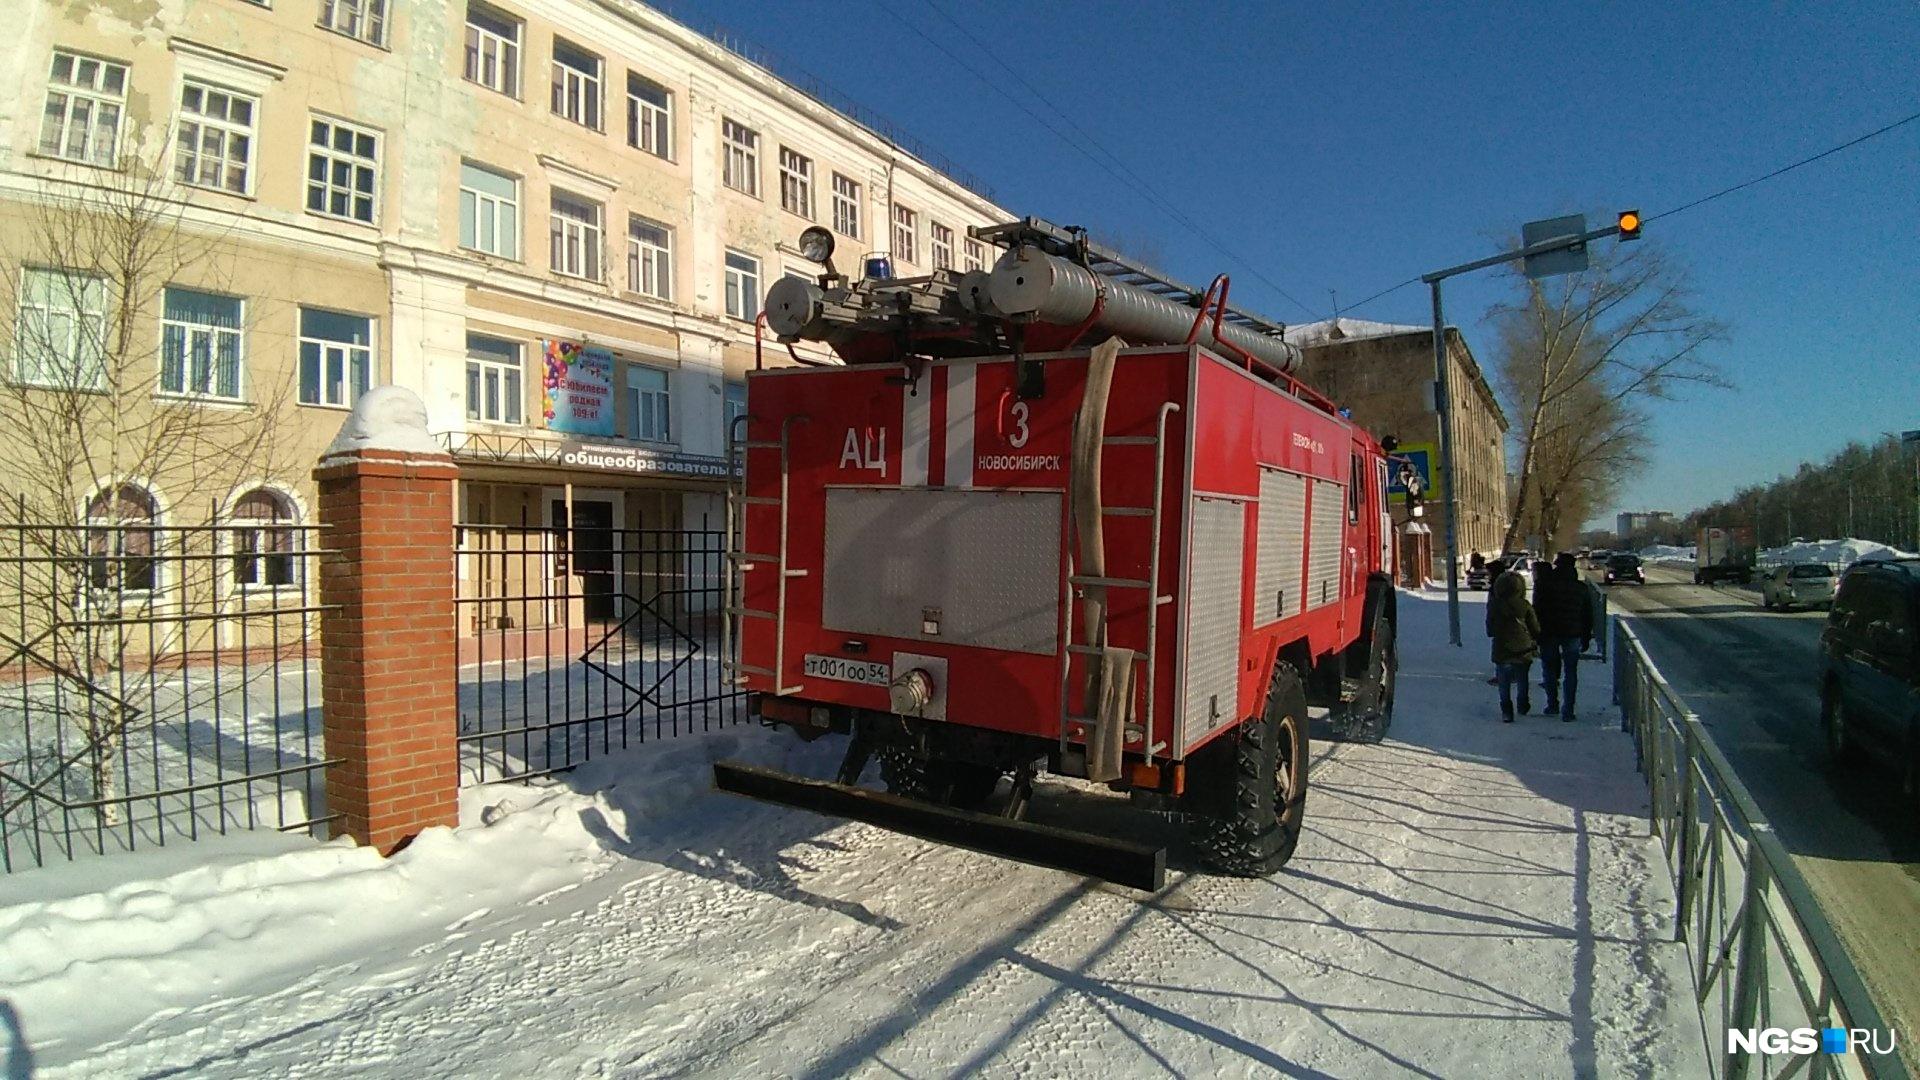 В Новосибирске пустуют школы: детей из них эвакуировали